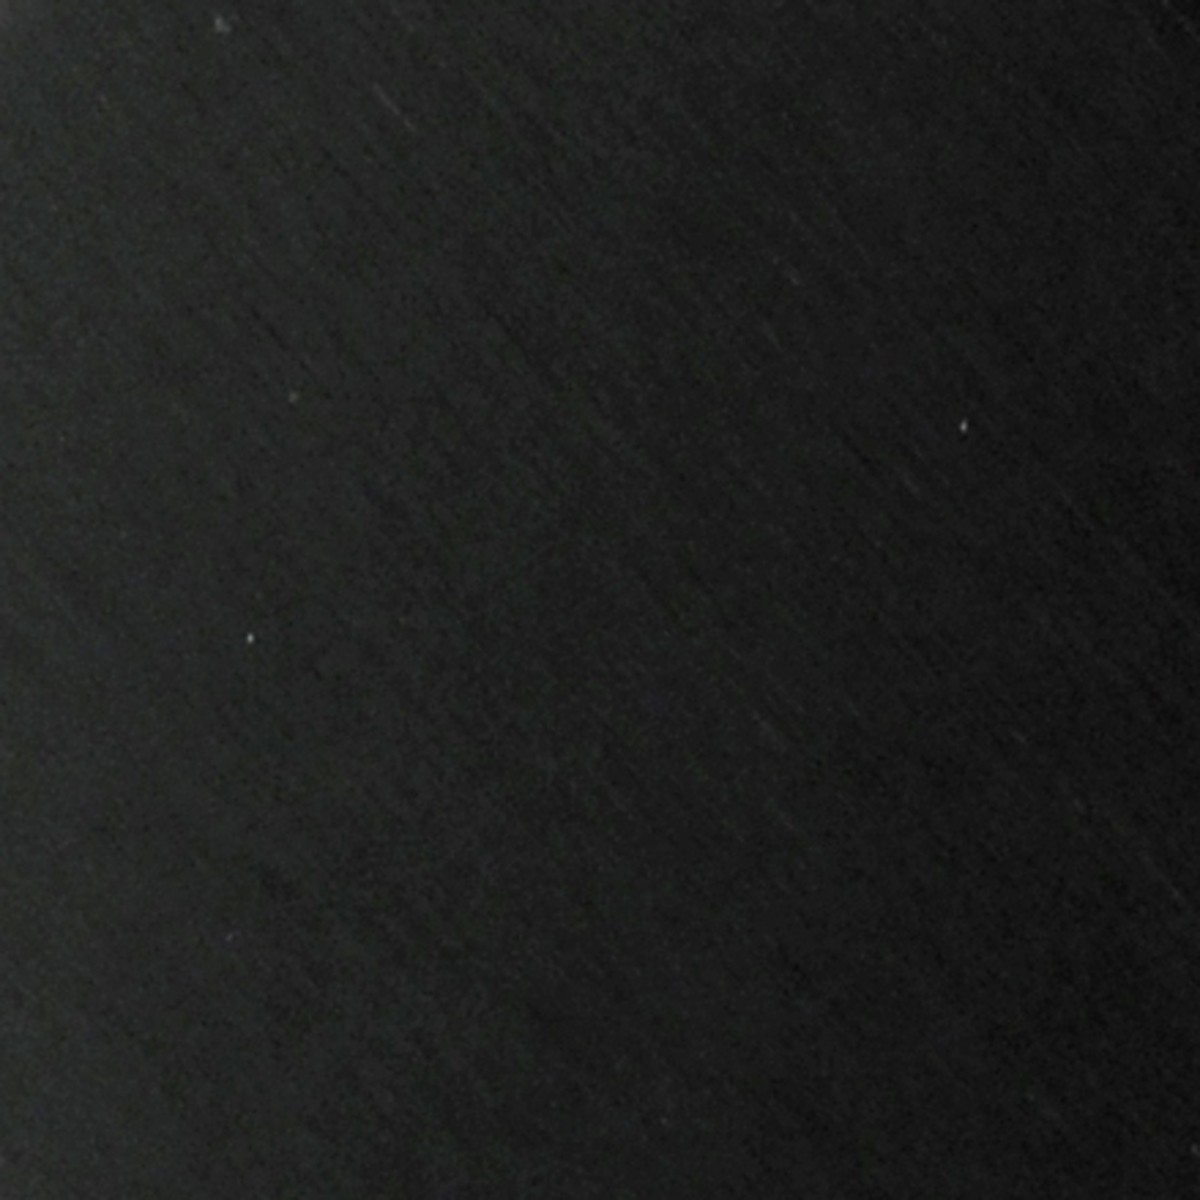 Milan Mini Dau LED Deckenleuchte, mattschwarz lackiert